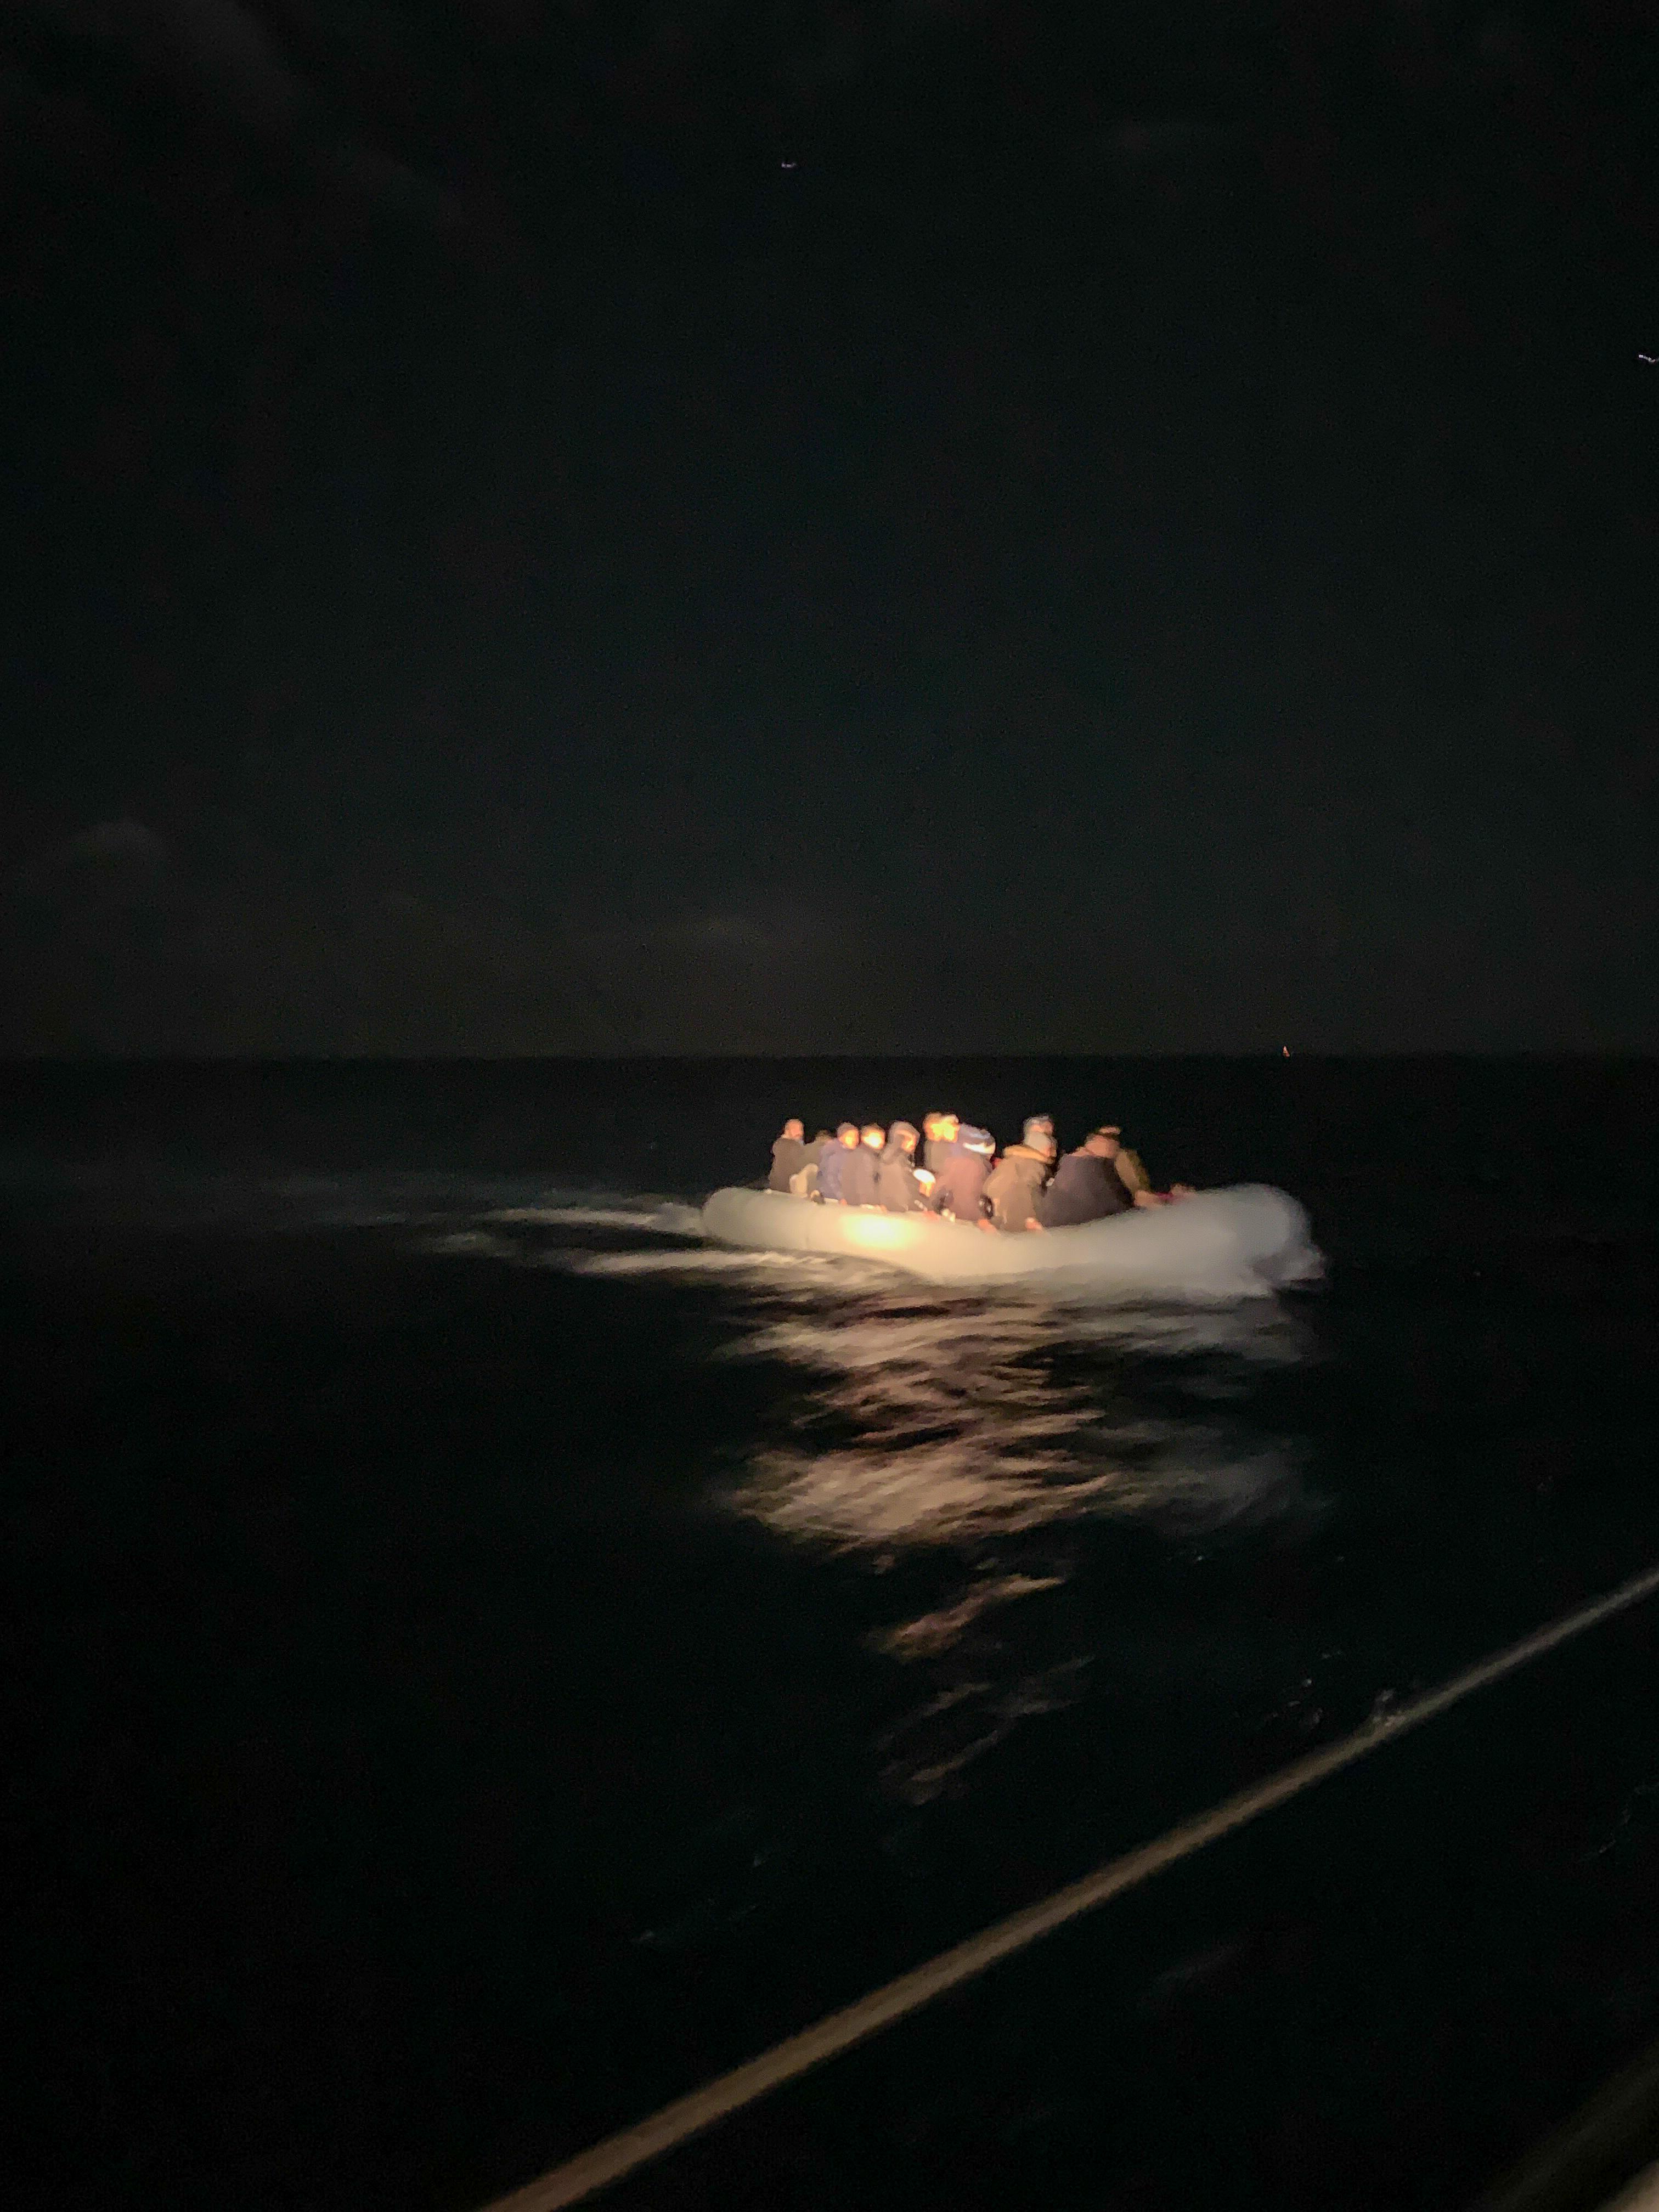 Ein Flüchtlingsboot im Meer zwischen Griechenland und der Türkei